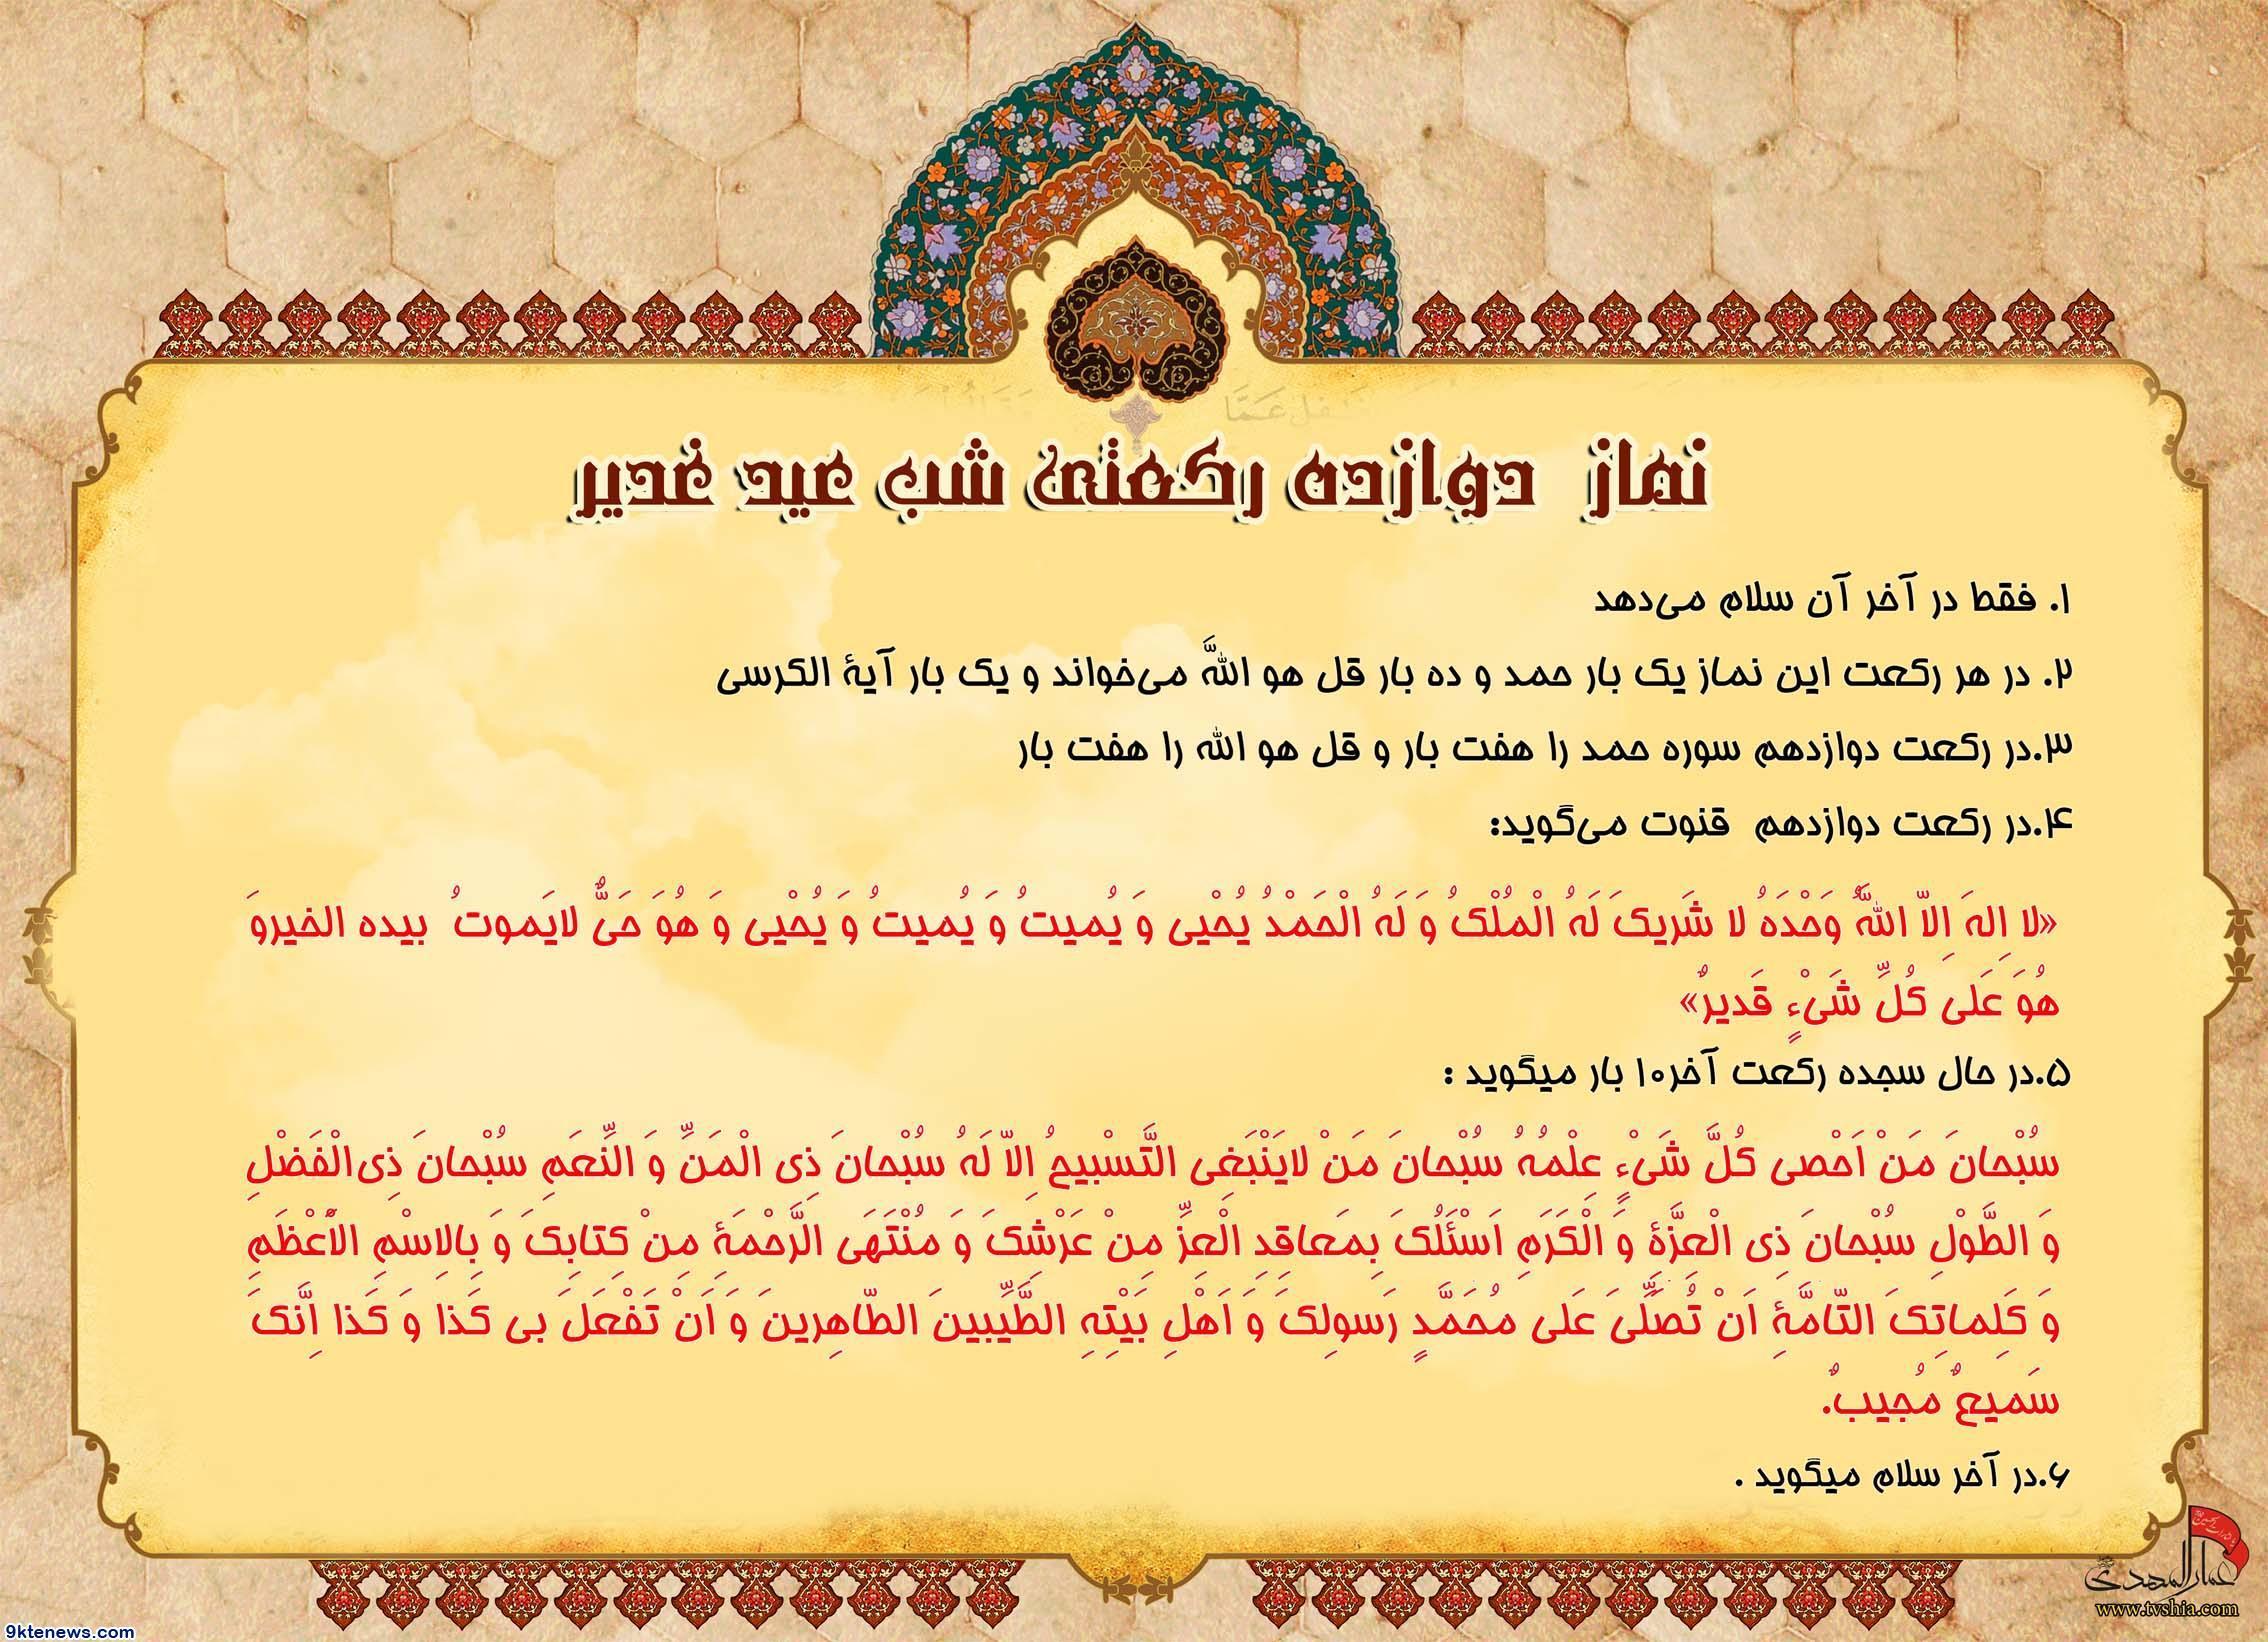 طریقه خواندن نماز 12 رکعتی شب عید غدیر